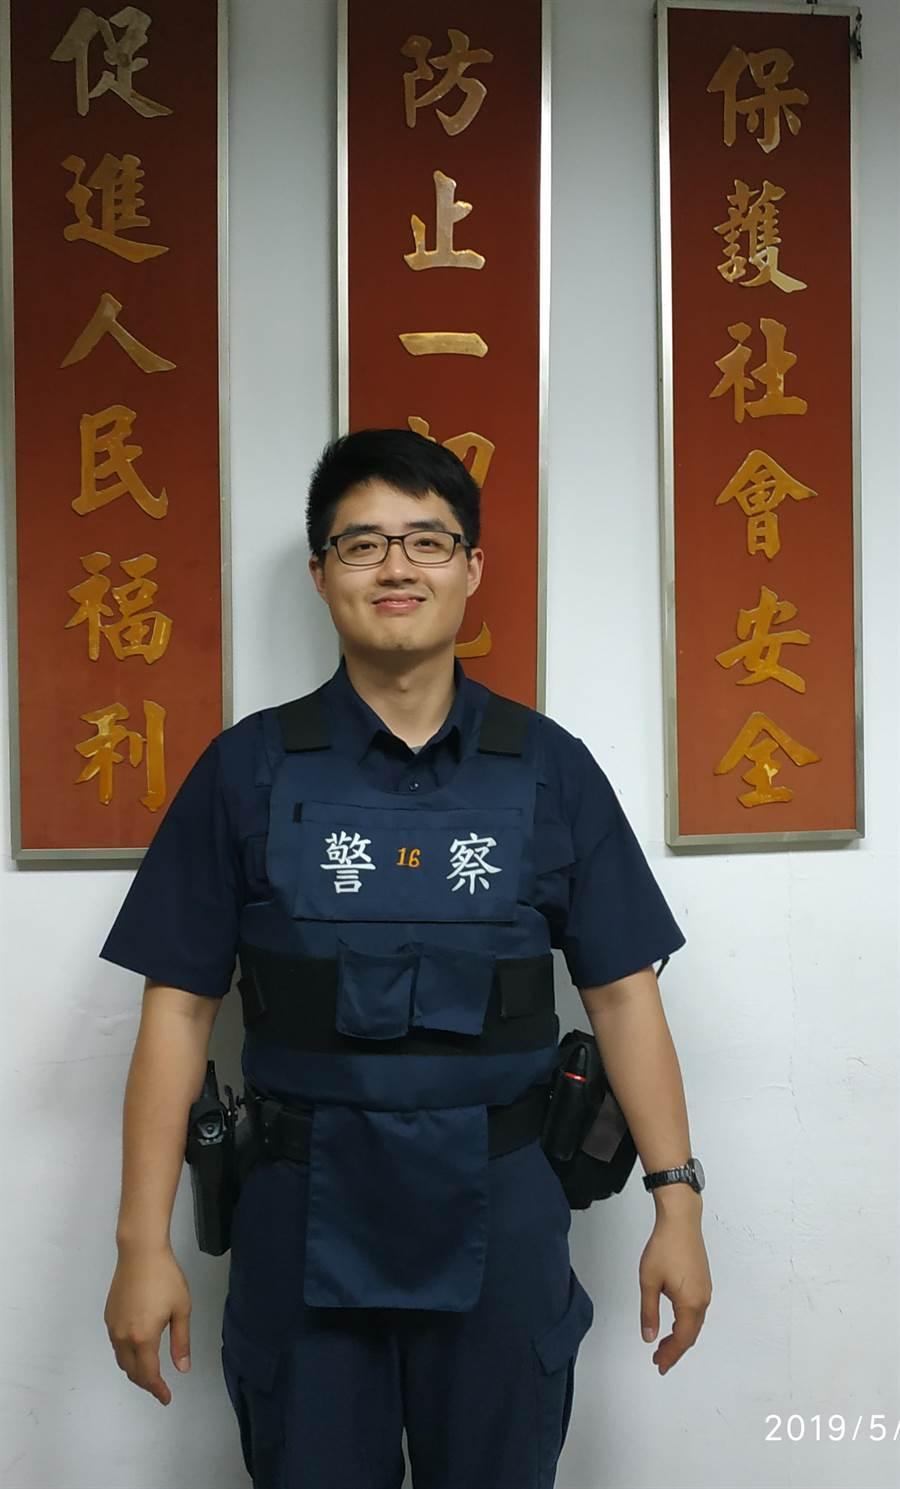 金門警員翁宏勳深入基層,獲警政署核頒「全國績優警勤區」榮耀。(金門縣警察局提供)